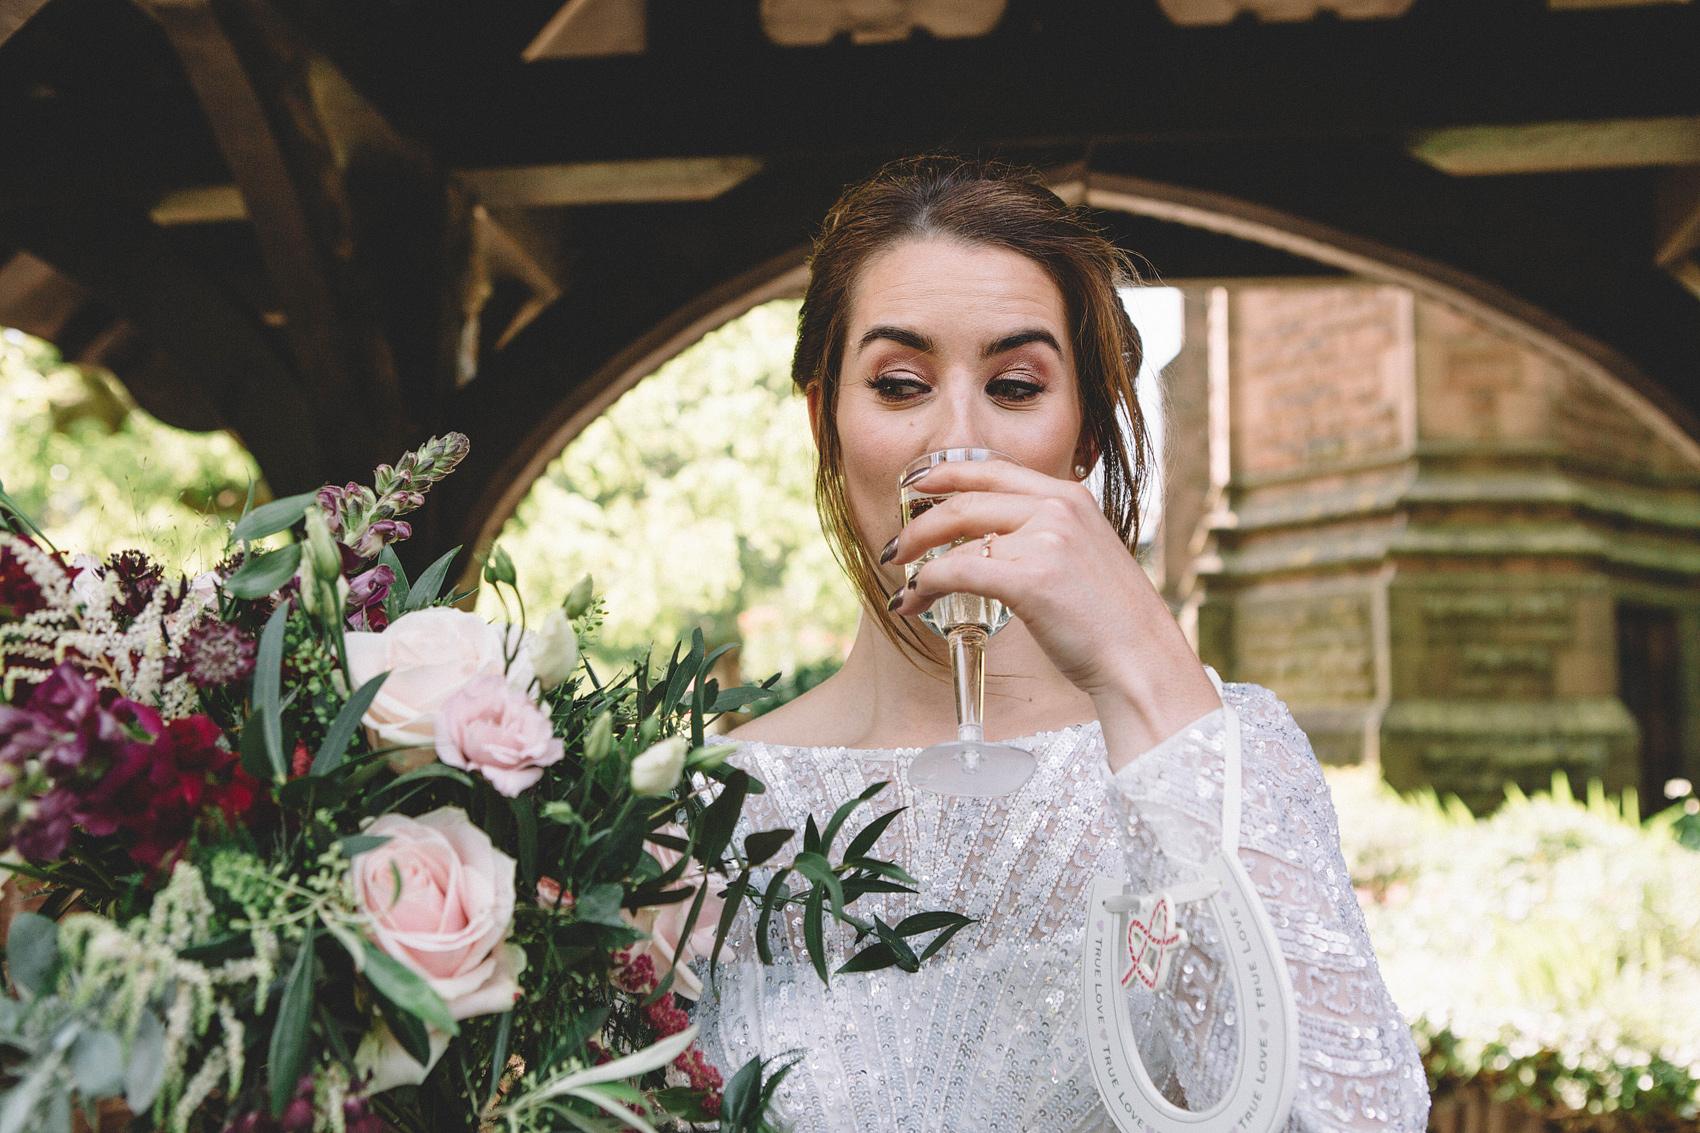 Inglewood_Manor_Wedding_Photography_-_Claire_Basiuk_Cheshire_Photographer_-_37_26.jpg